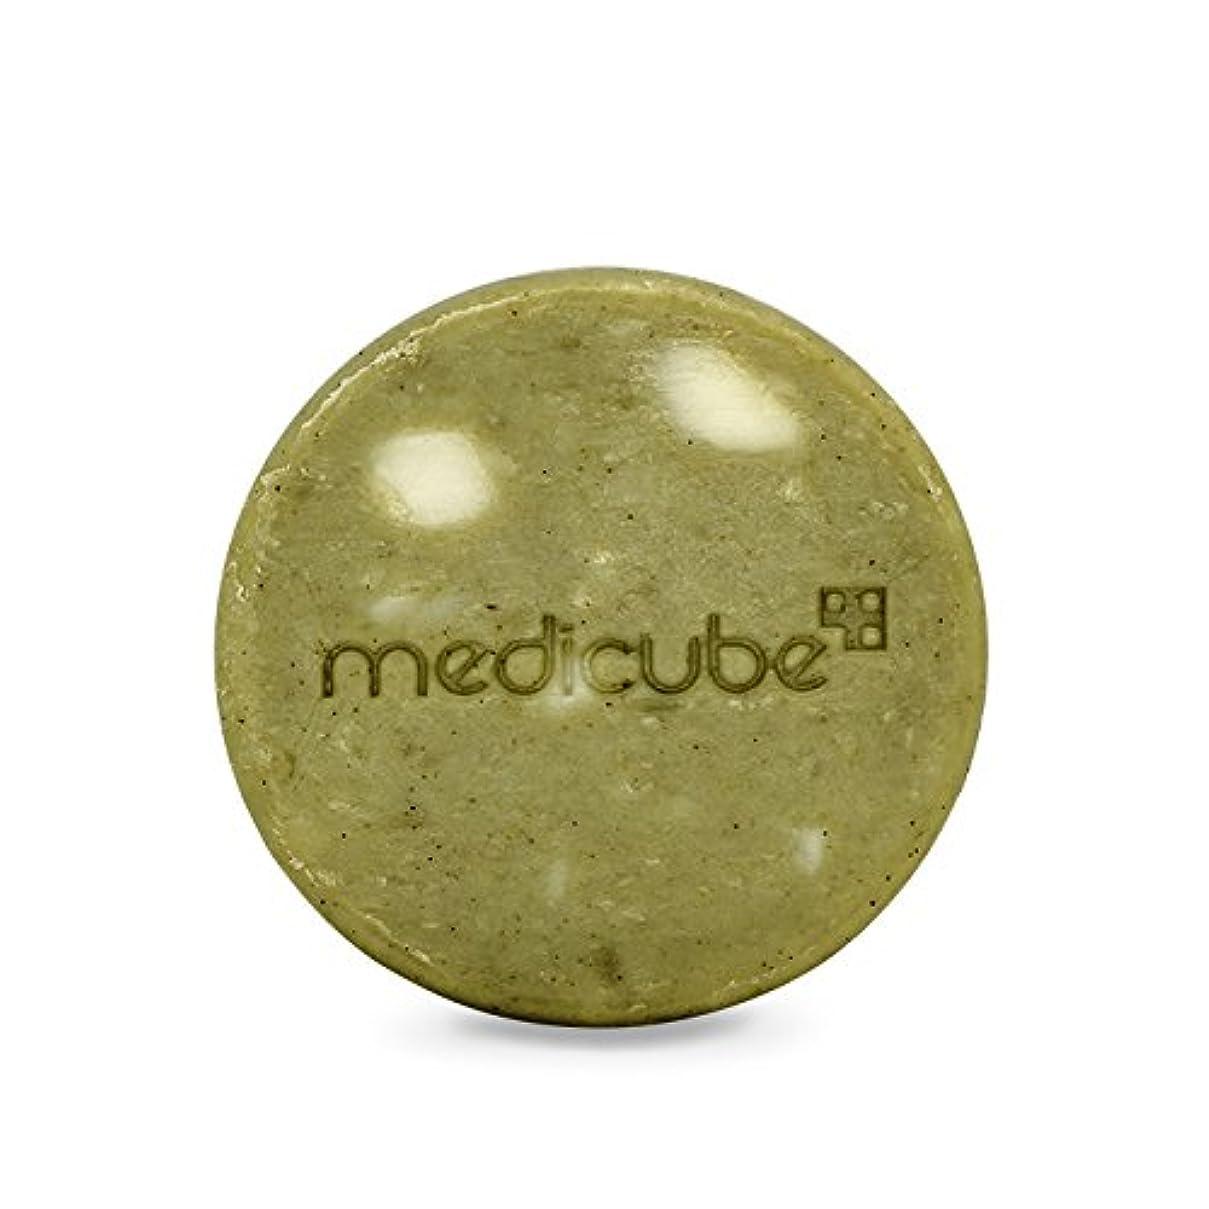 必要としている純度サスペンション[Medicube]Red Body Bar / メディキューブレッドボディバー / 正品?海外直送商品 [並行輸入品]